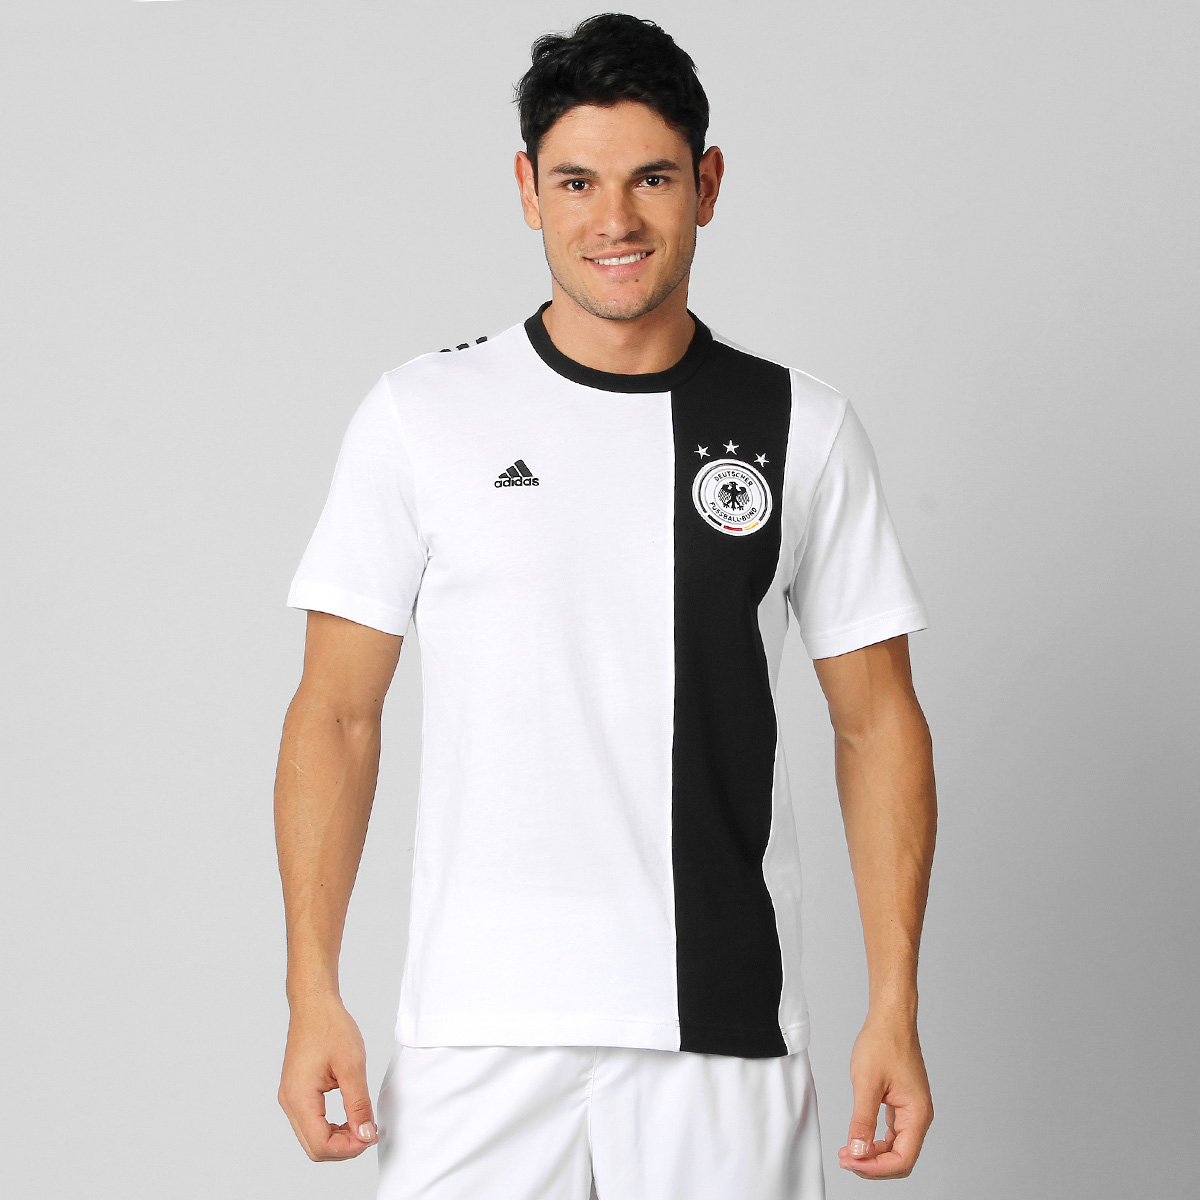 купить  Футбольная форма Adidas  13-14  недорого